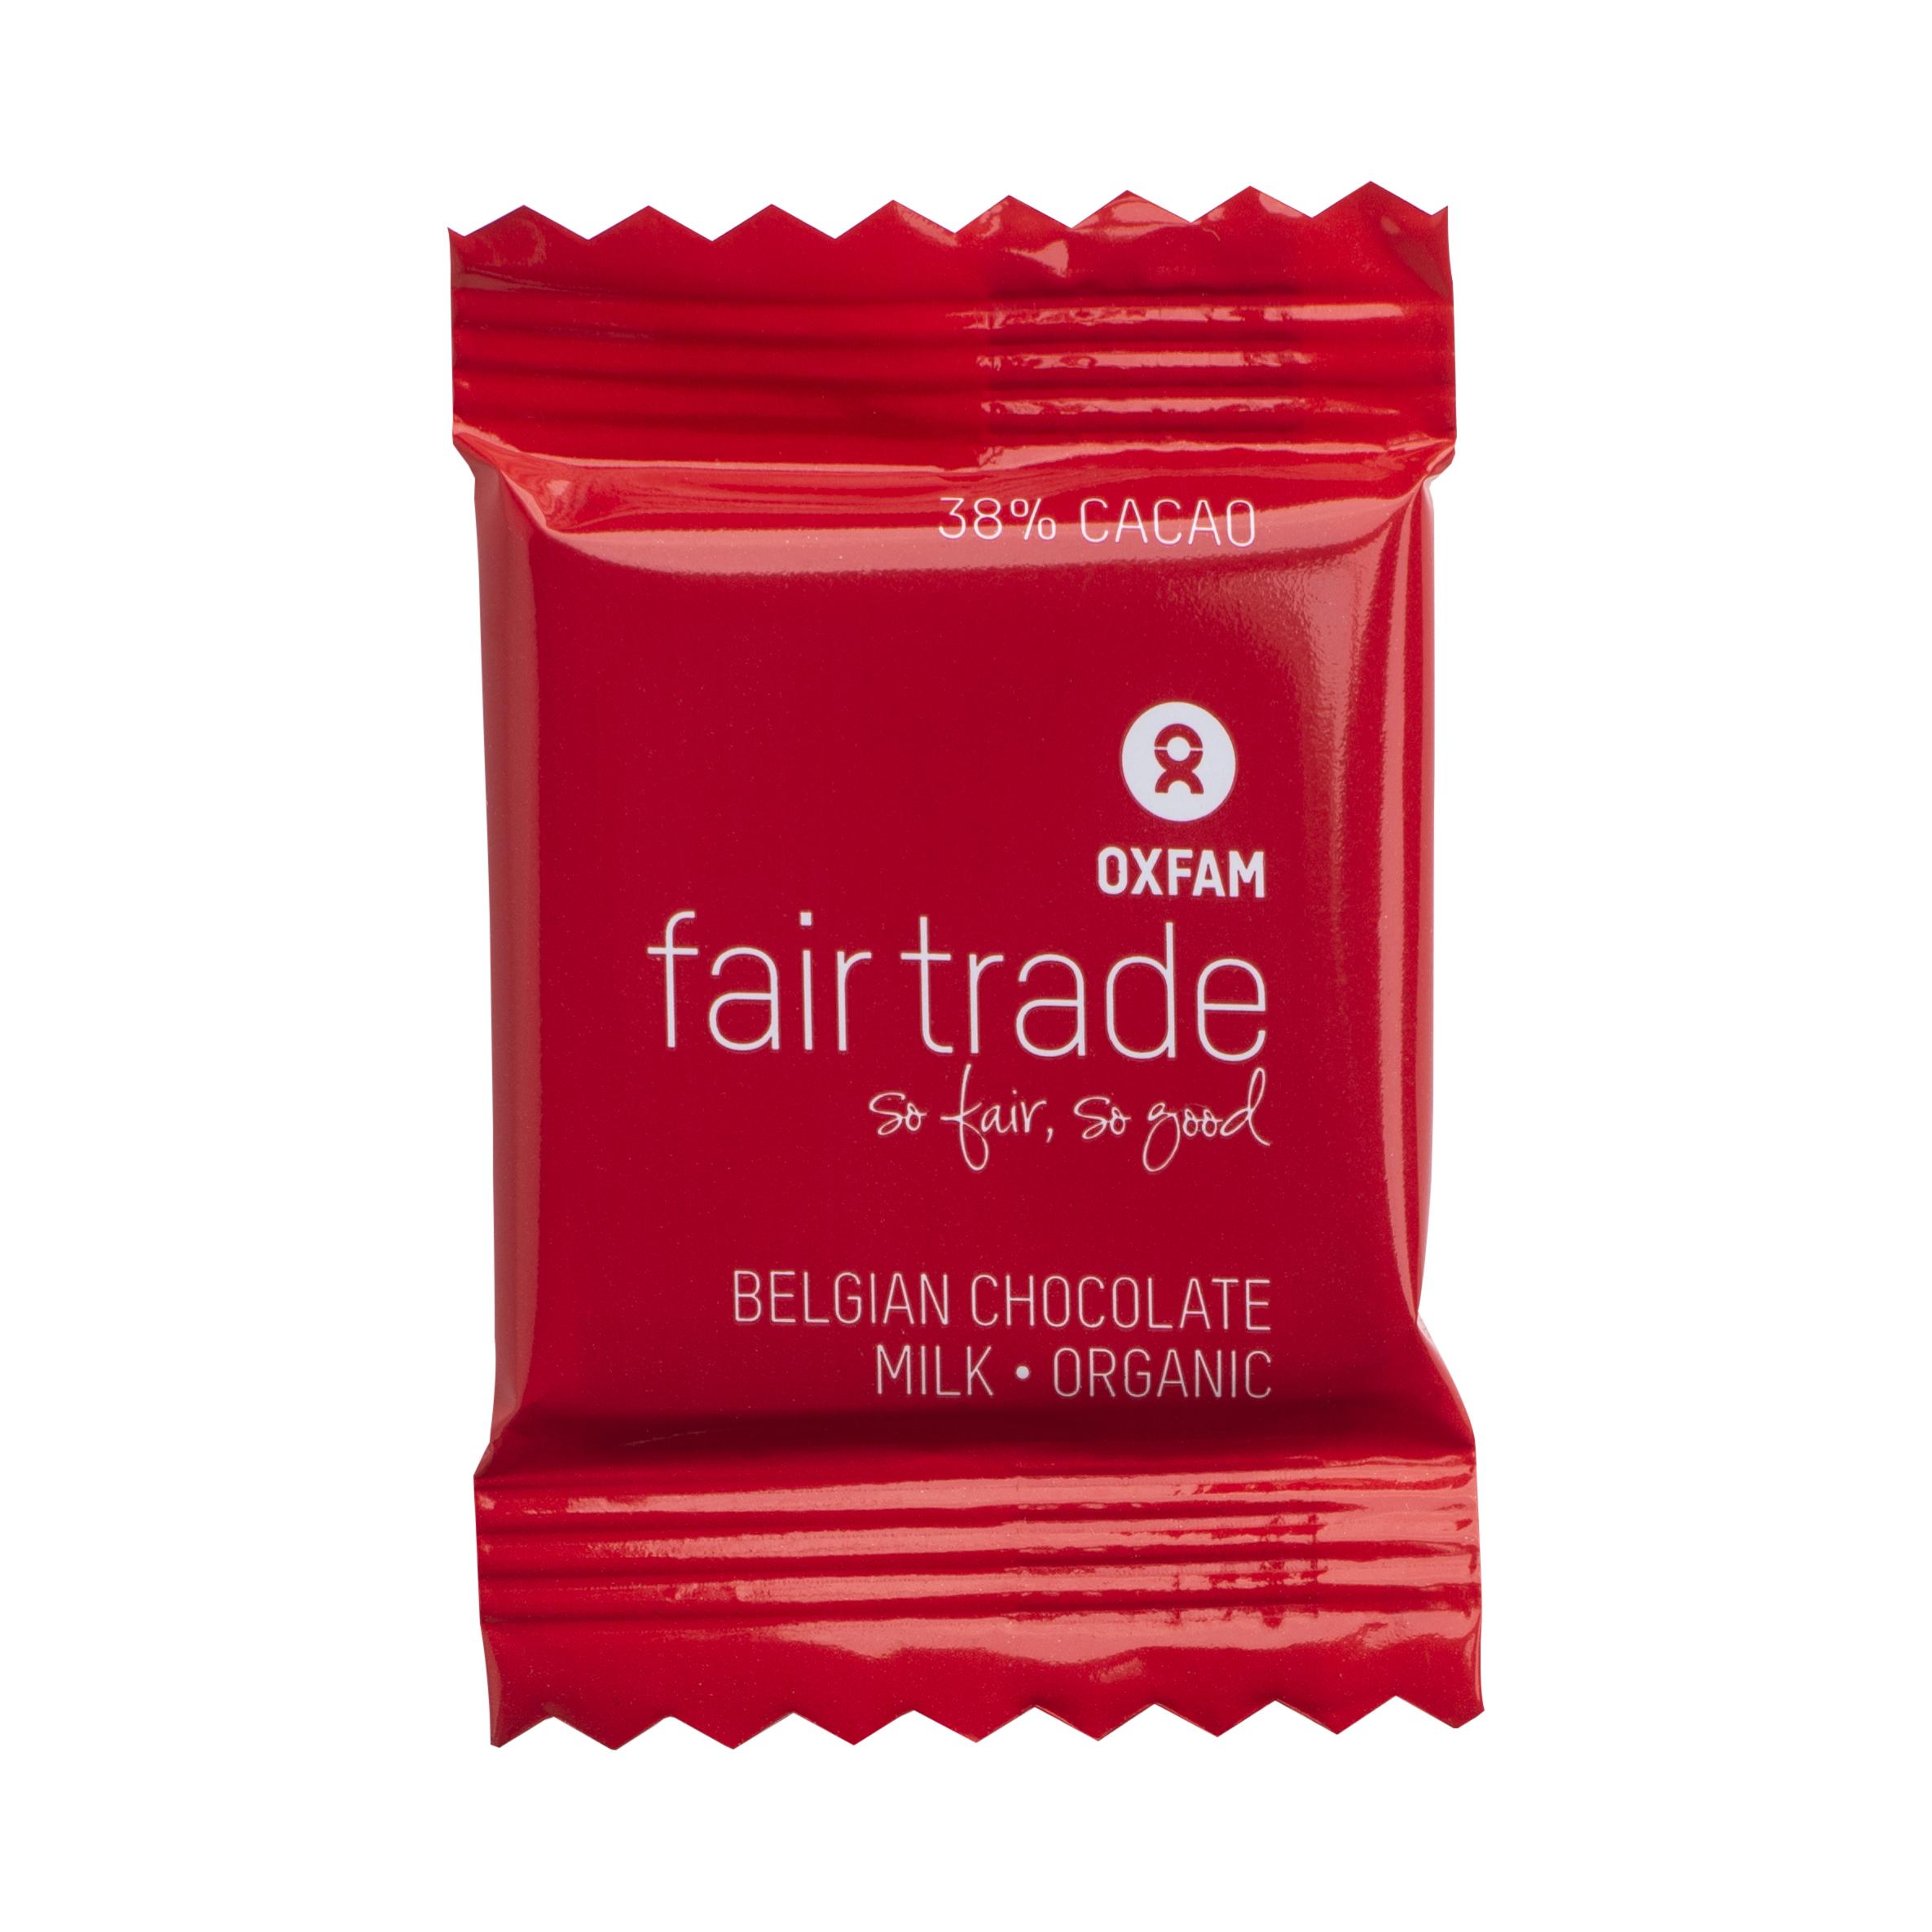 Oxfam Fair Trade 24545